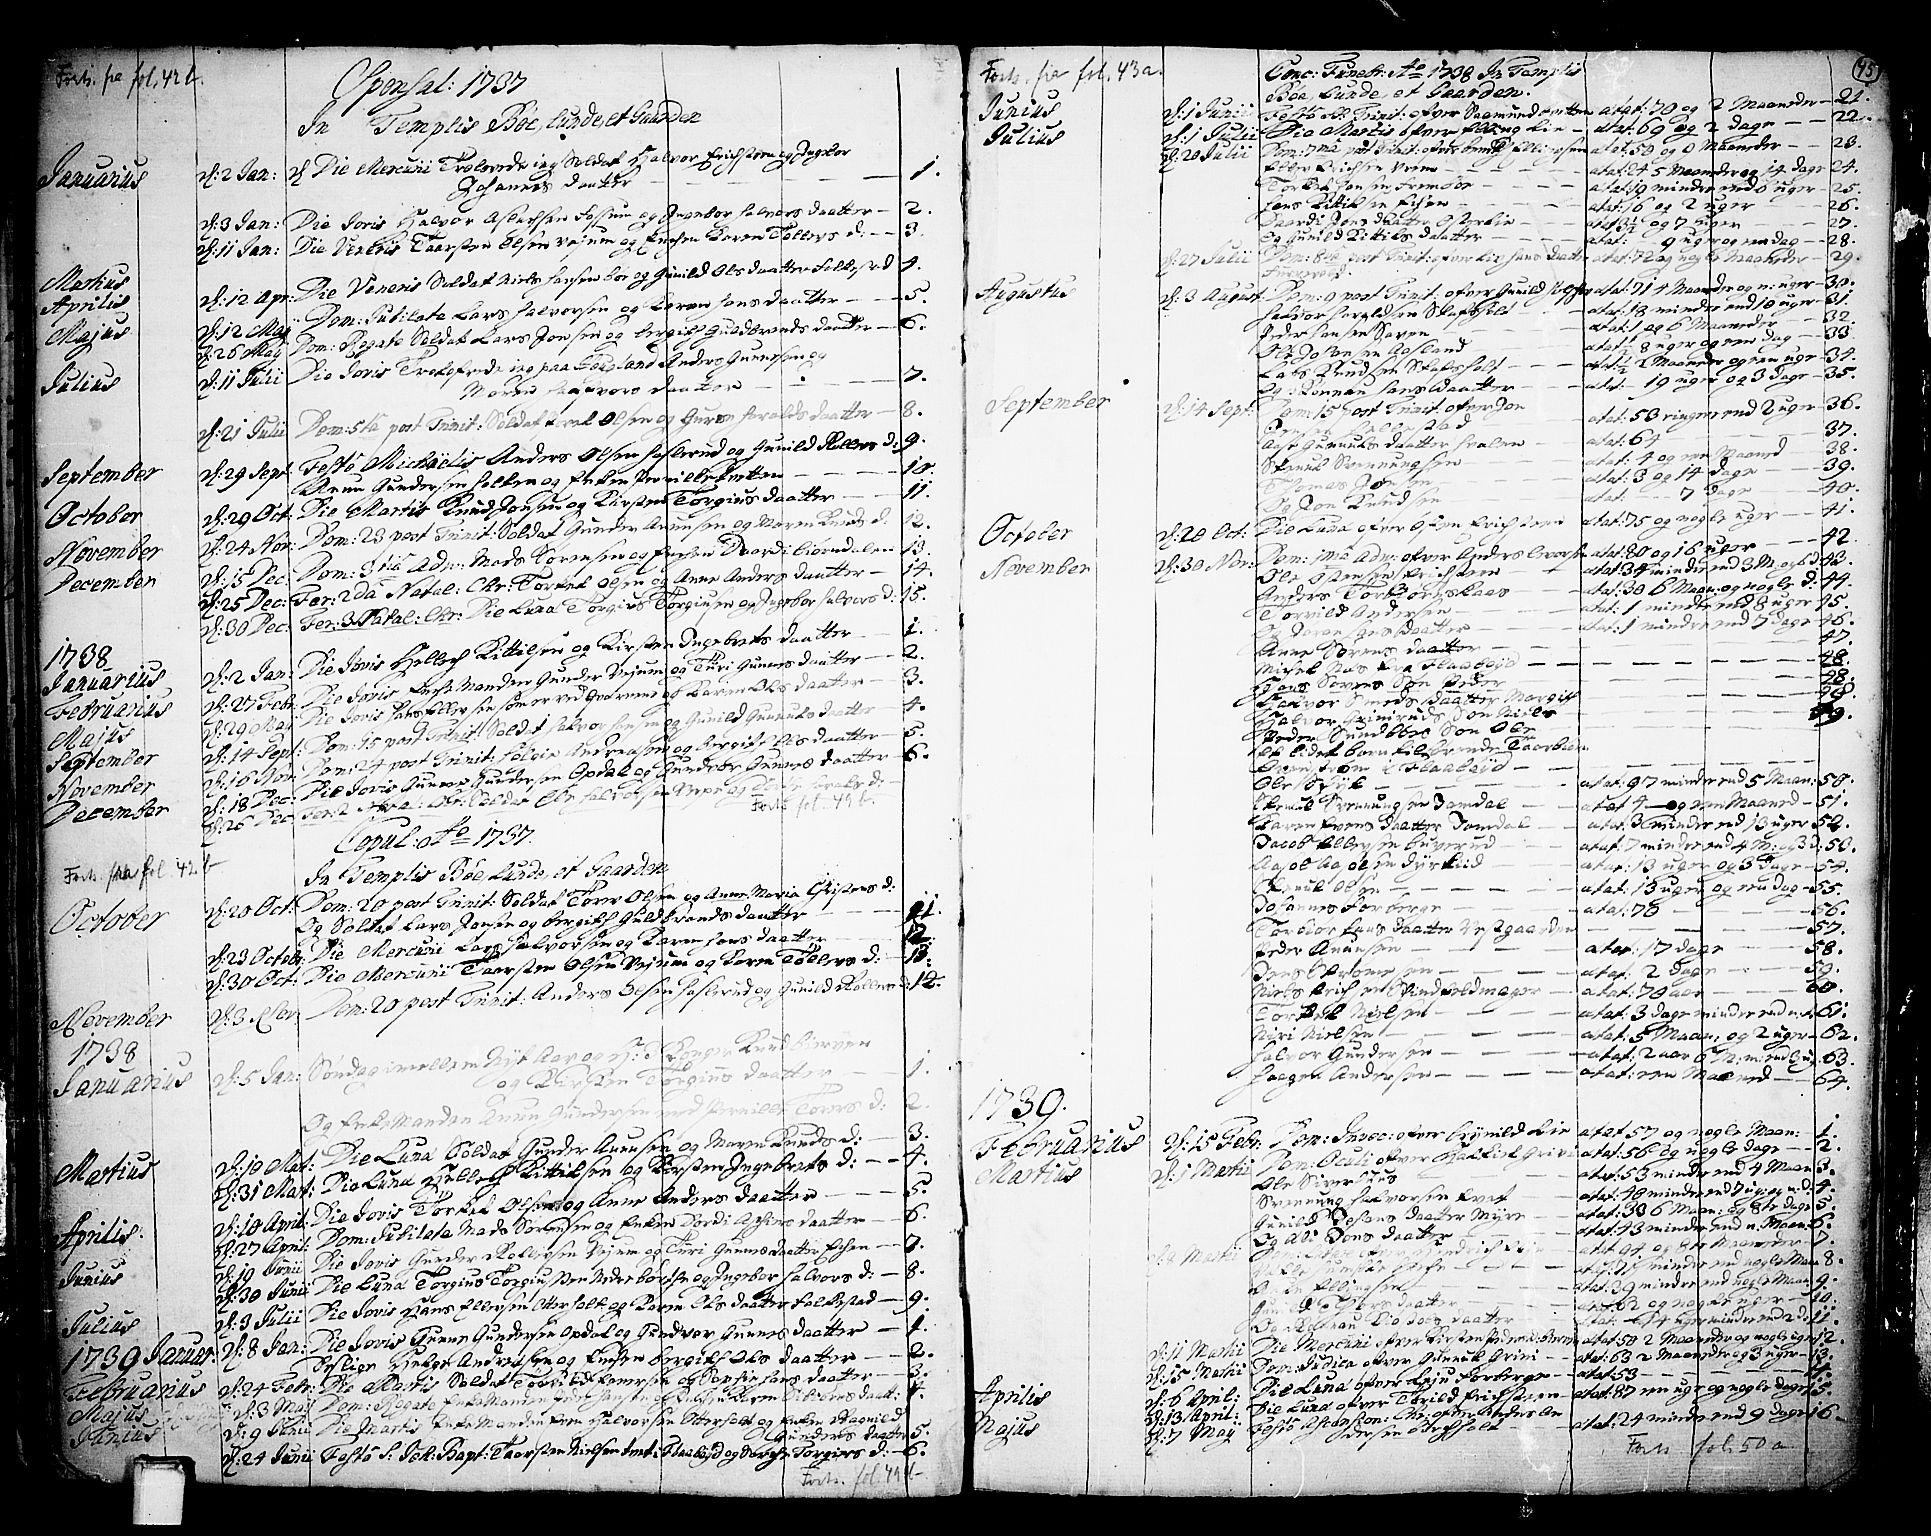 SAKO, Bø kirkebøker, F/Fa/L0003: Ministerialbok nr. 3, 1733-1748, s. 45